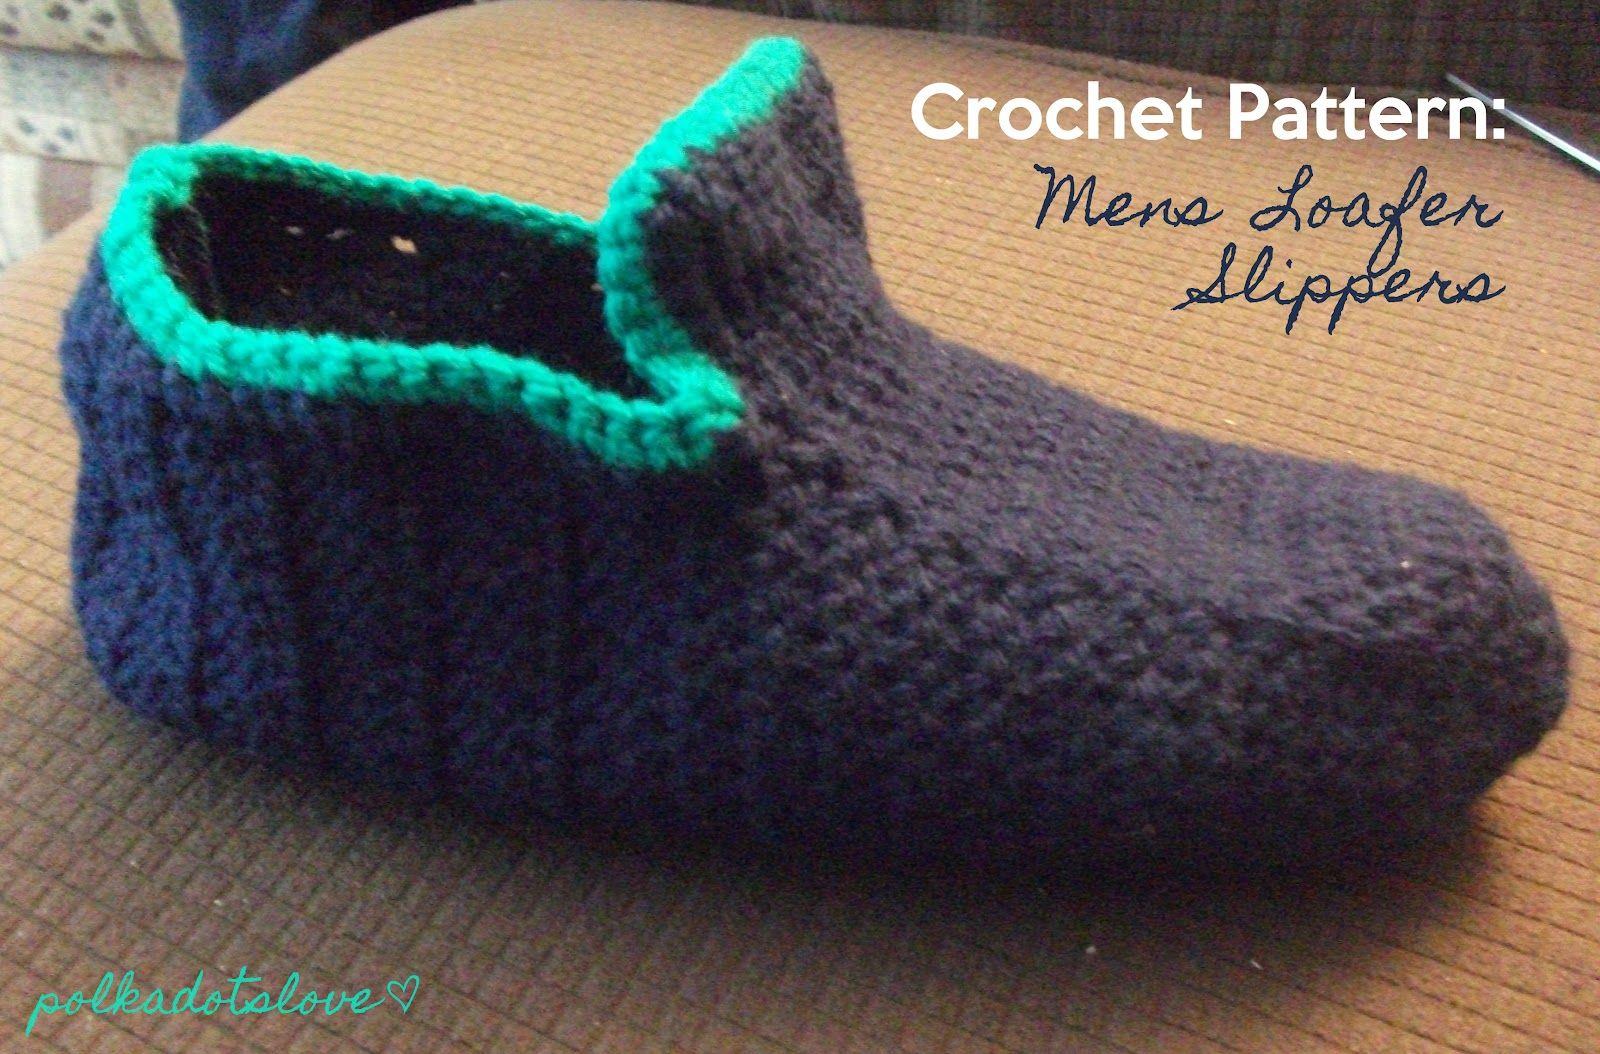 Easy Men's Crochet Slipper Pattern These slippers are